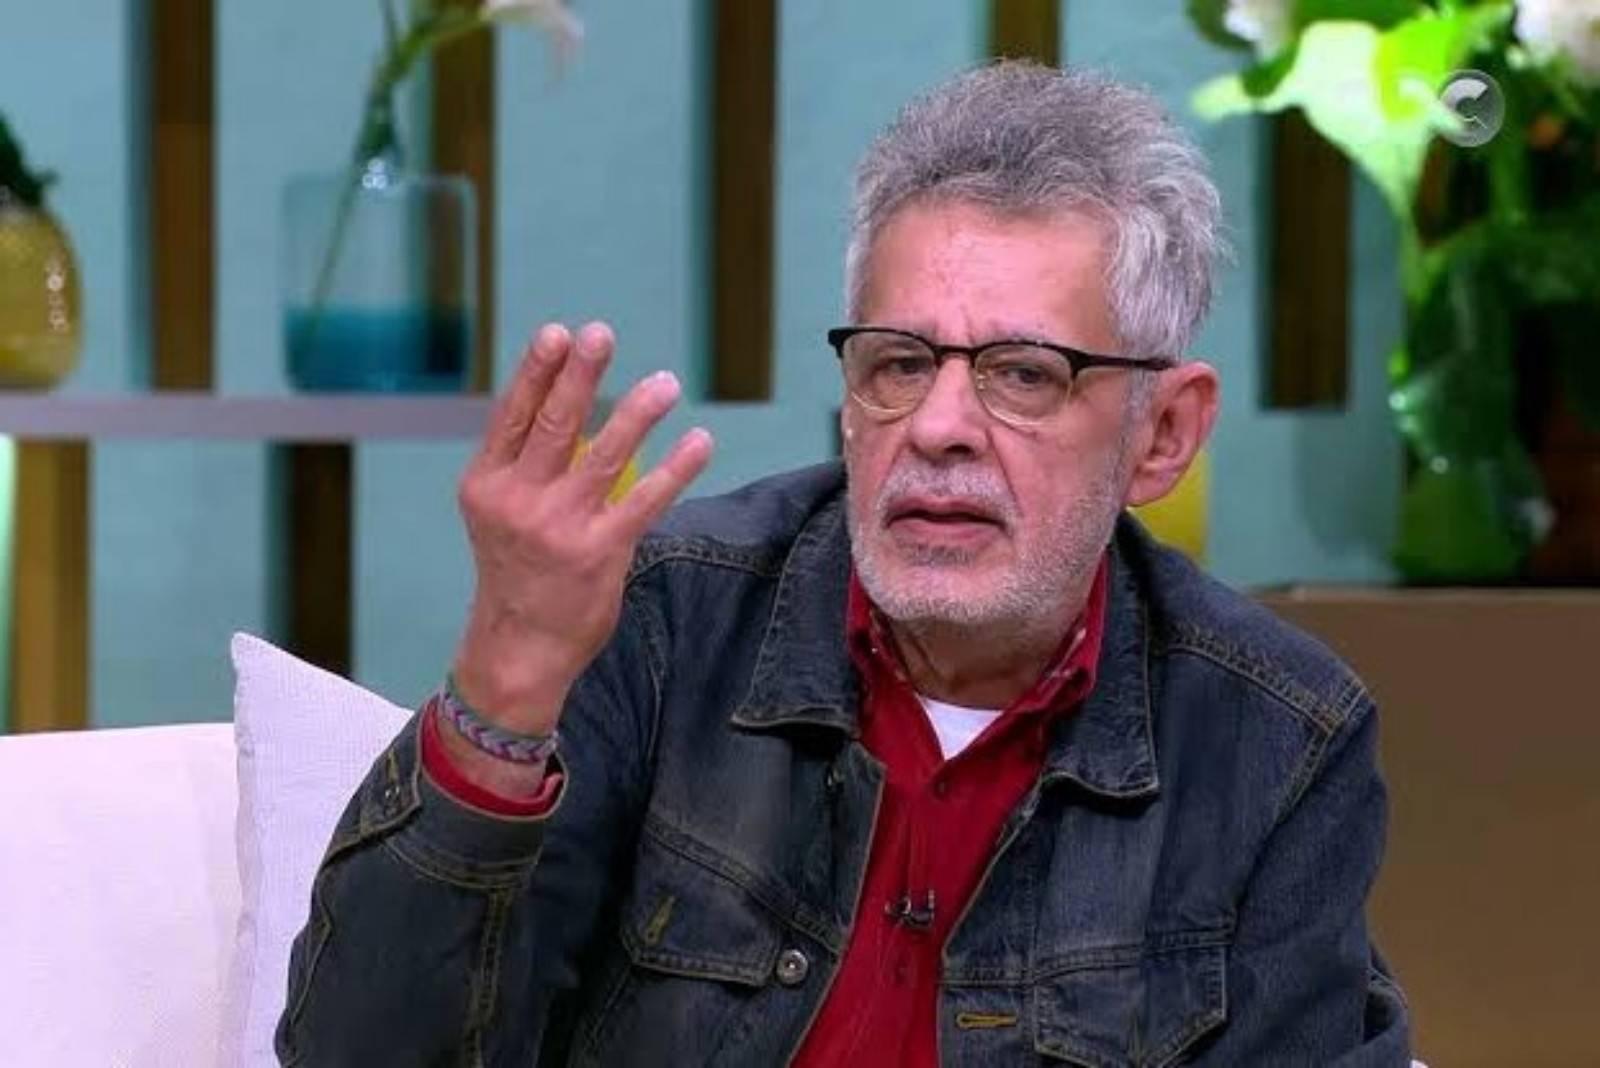 زكي فطين عبدالوهاب يهاجم الأثرياء وعادل إمام وعمرو دياب: 'لا أفهم سبب  التعالي'